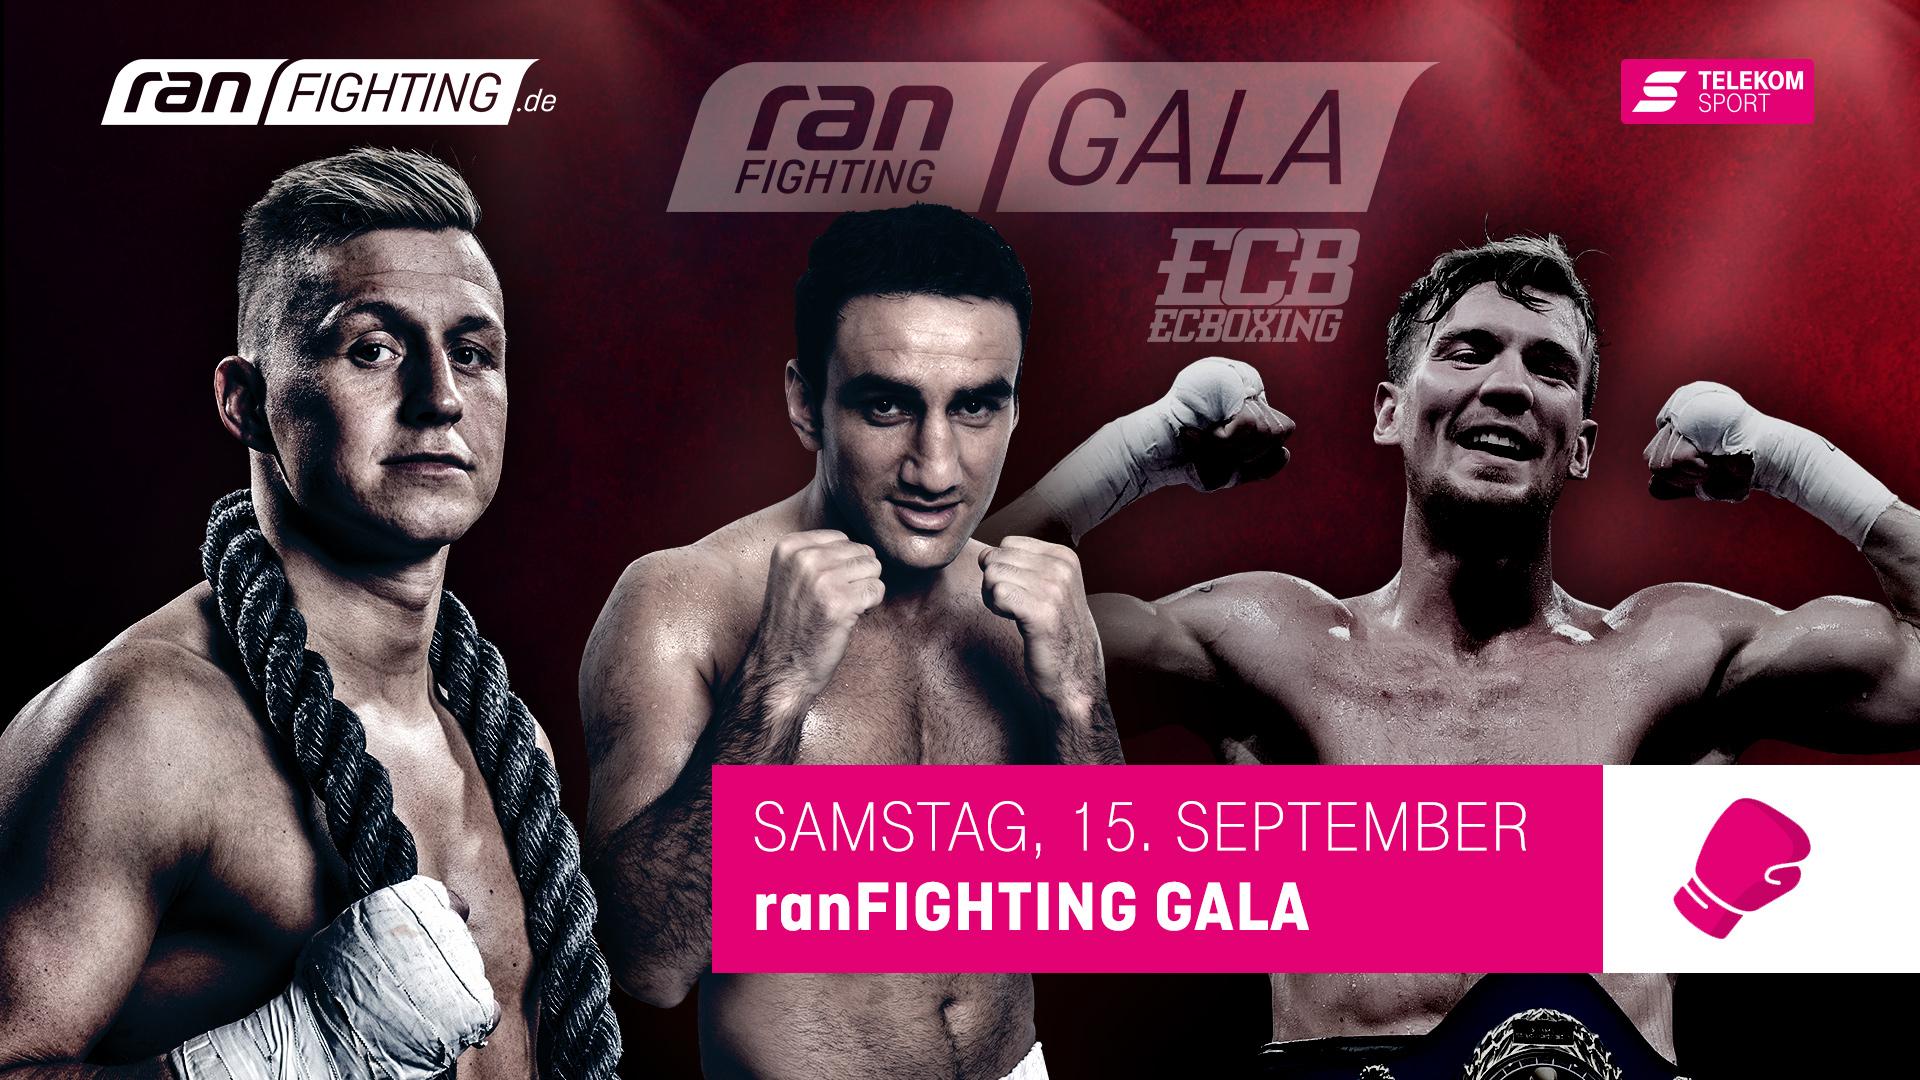 ran FIGHTING Gala am 15. September in Lübeck – IBO-WM zwischen Karo Murat und Sven Fornling